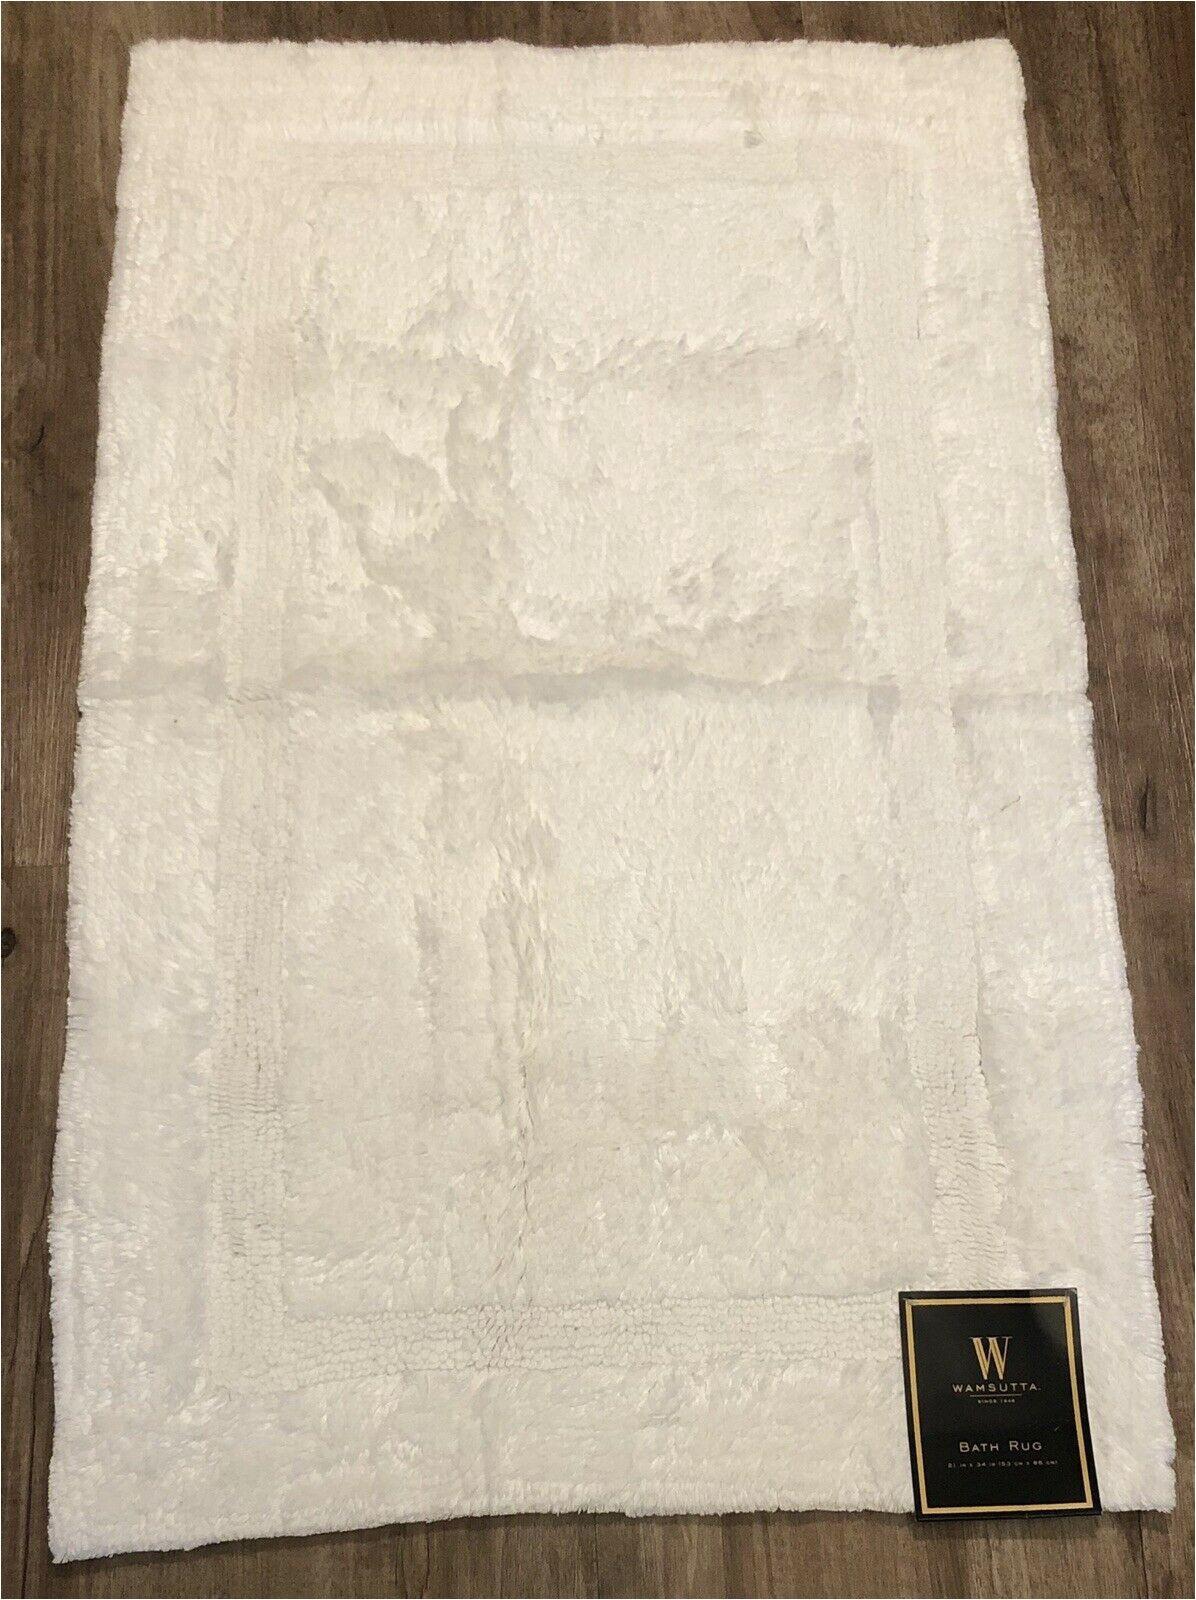 """Wamsutta Hotel Bath Rug Wamsutta Plush Hotel Spa Bath Rug Mat 21"""" X 34"""" In White Bed Bath & Beyond New"""